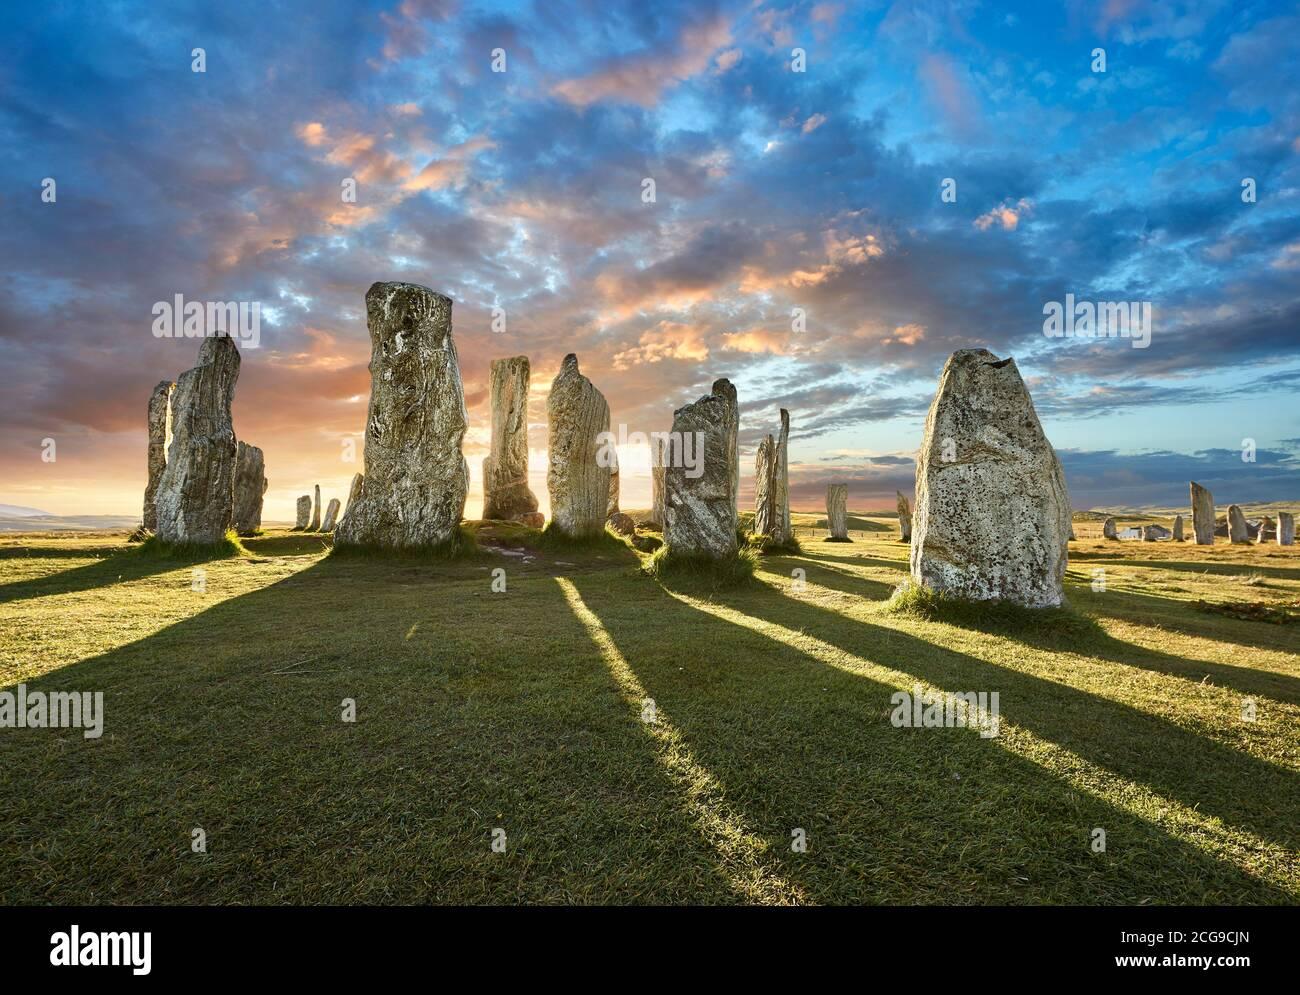 Calanais pierres debout cercle central de pierre, au coucher du soleil, érigé entre 2900-2600BC mesurant 11 mètres de large. Au centre de l'anneau se trouve un hu Banque D'Images